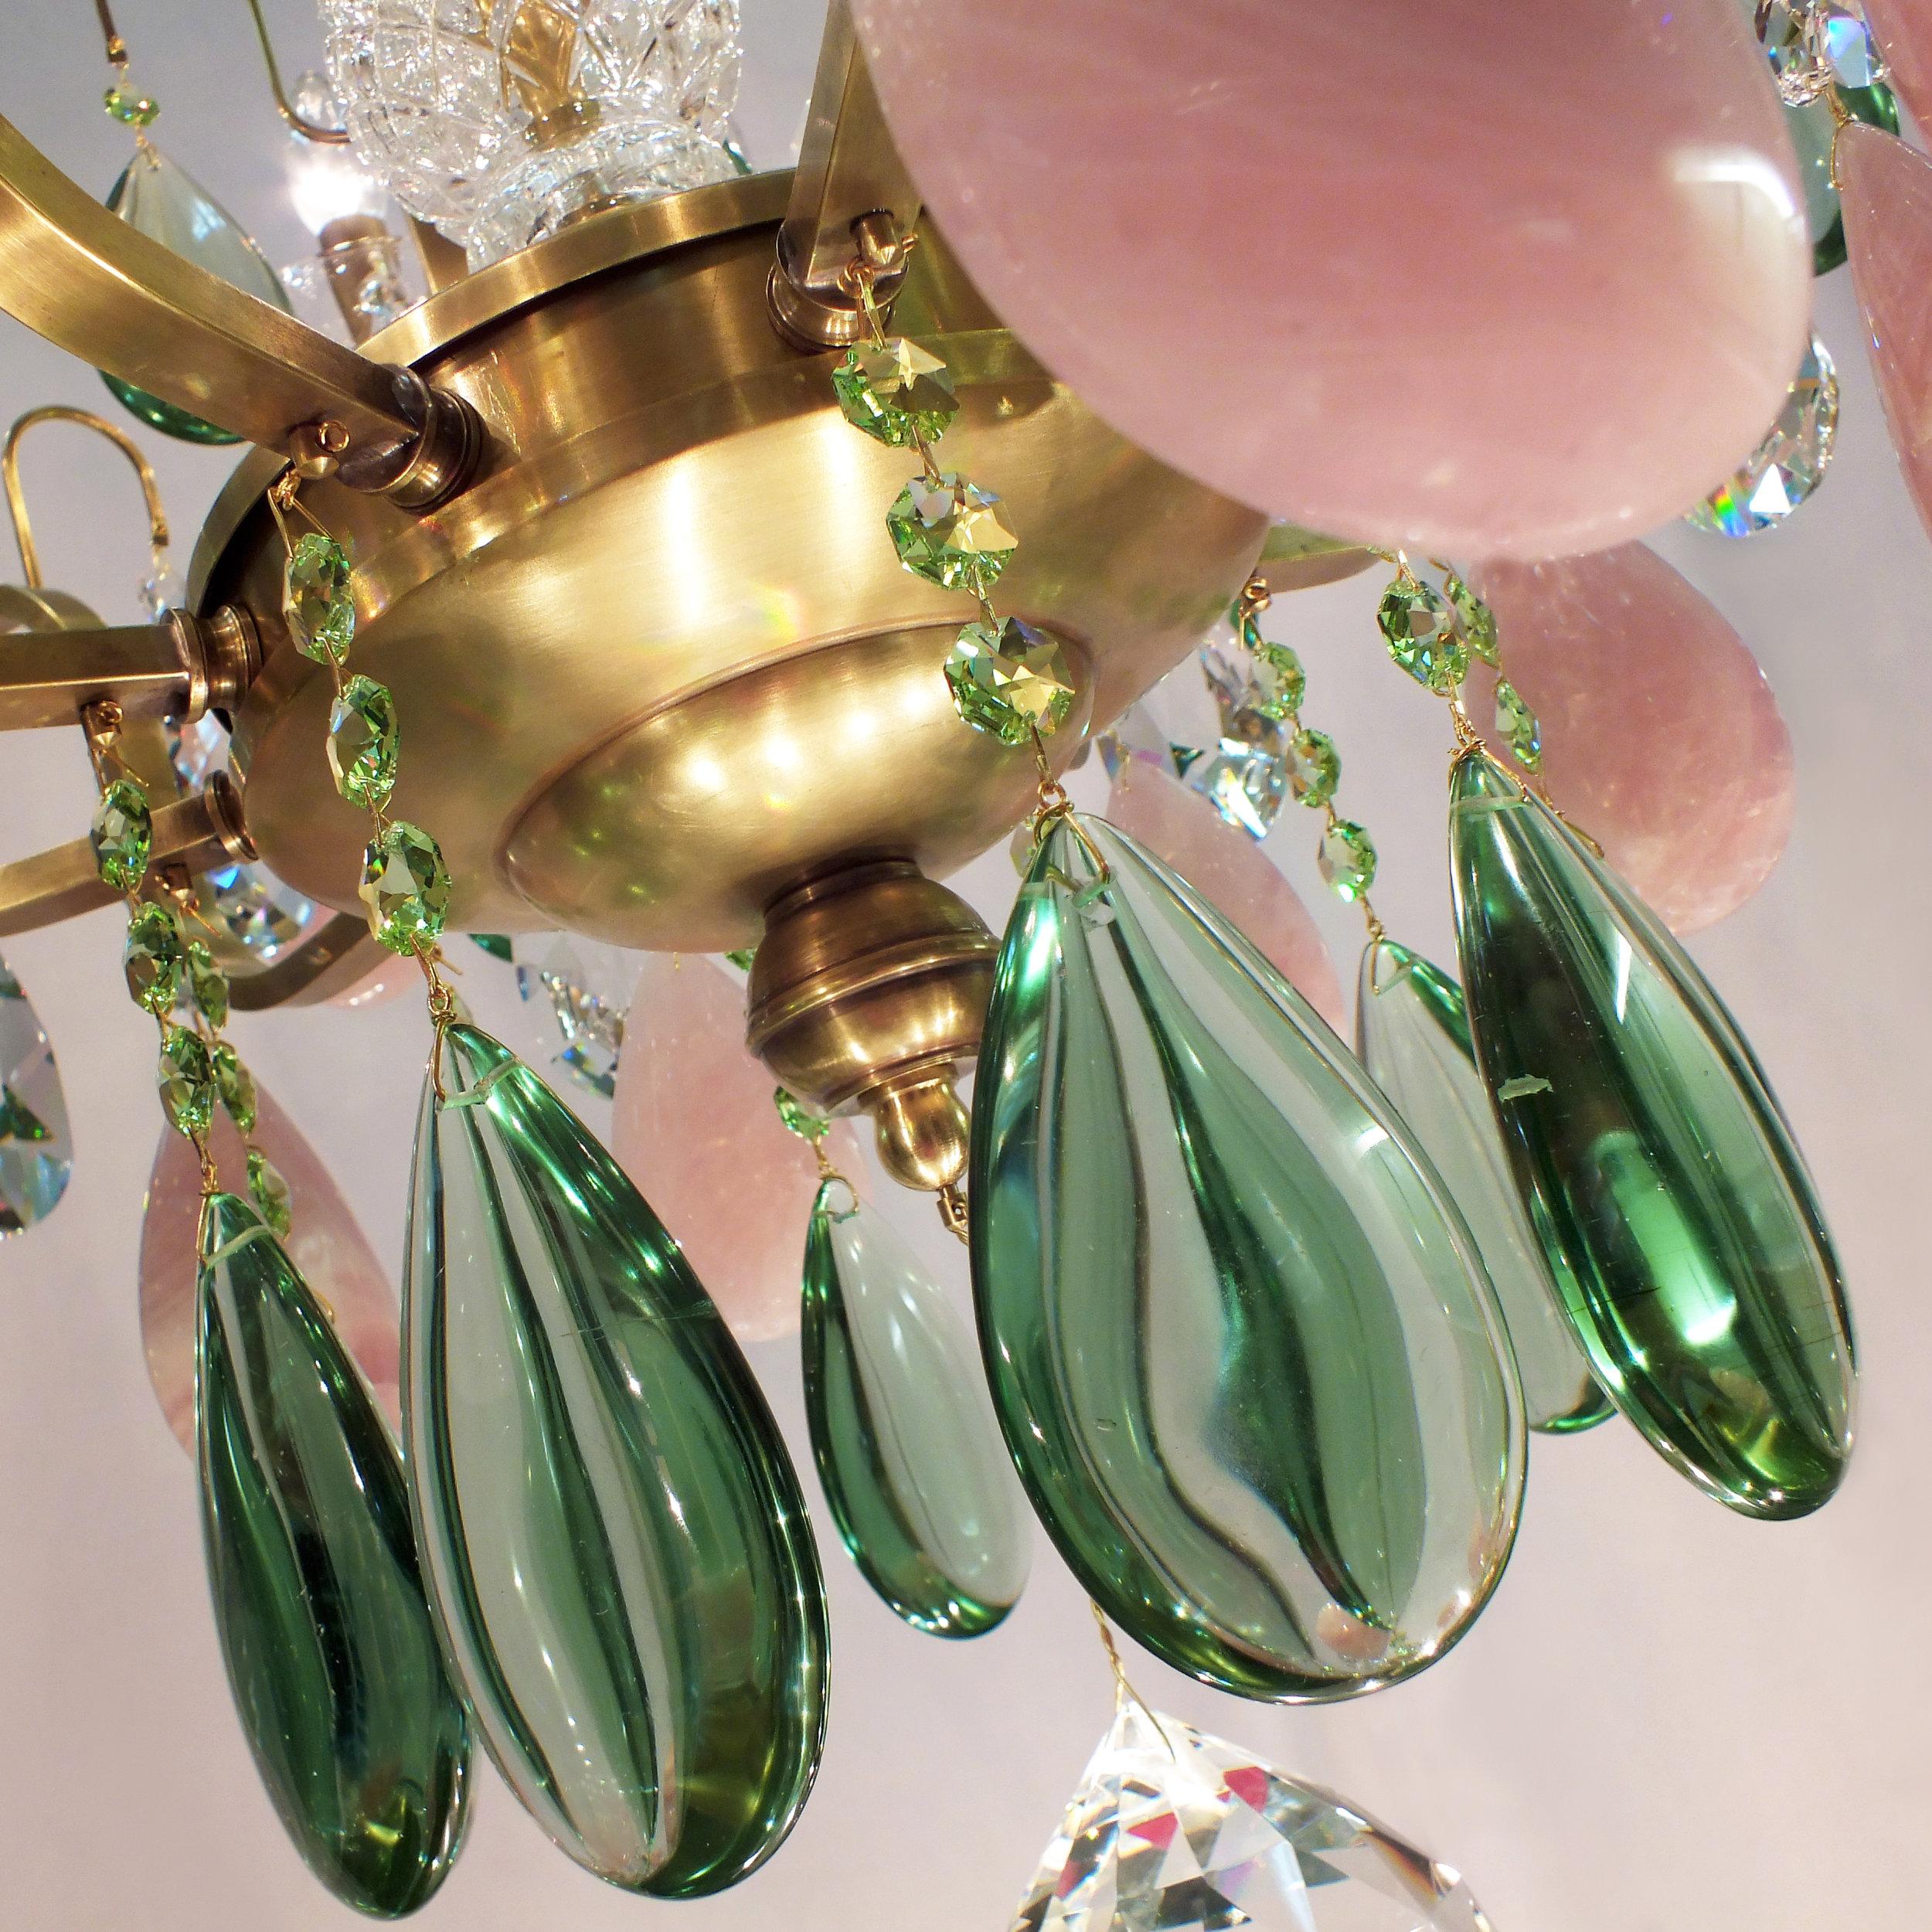 Foto de detalhe do Lustre Siena 10 braços, com obsidianas verdes, cristais de rocha rosa, cristais Light Peridot Swarovski e conectores entre os cristais banhados a Ouro 24K.